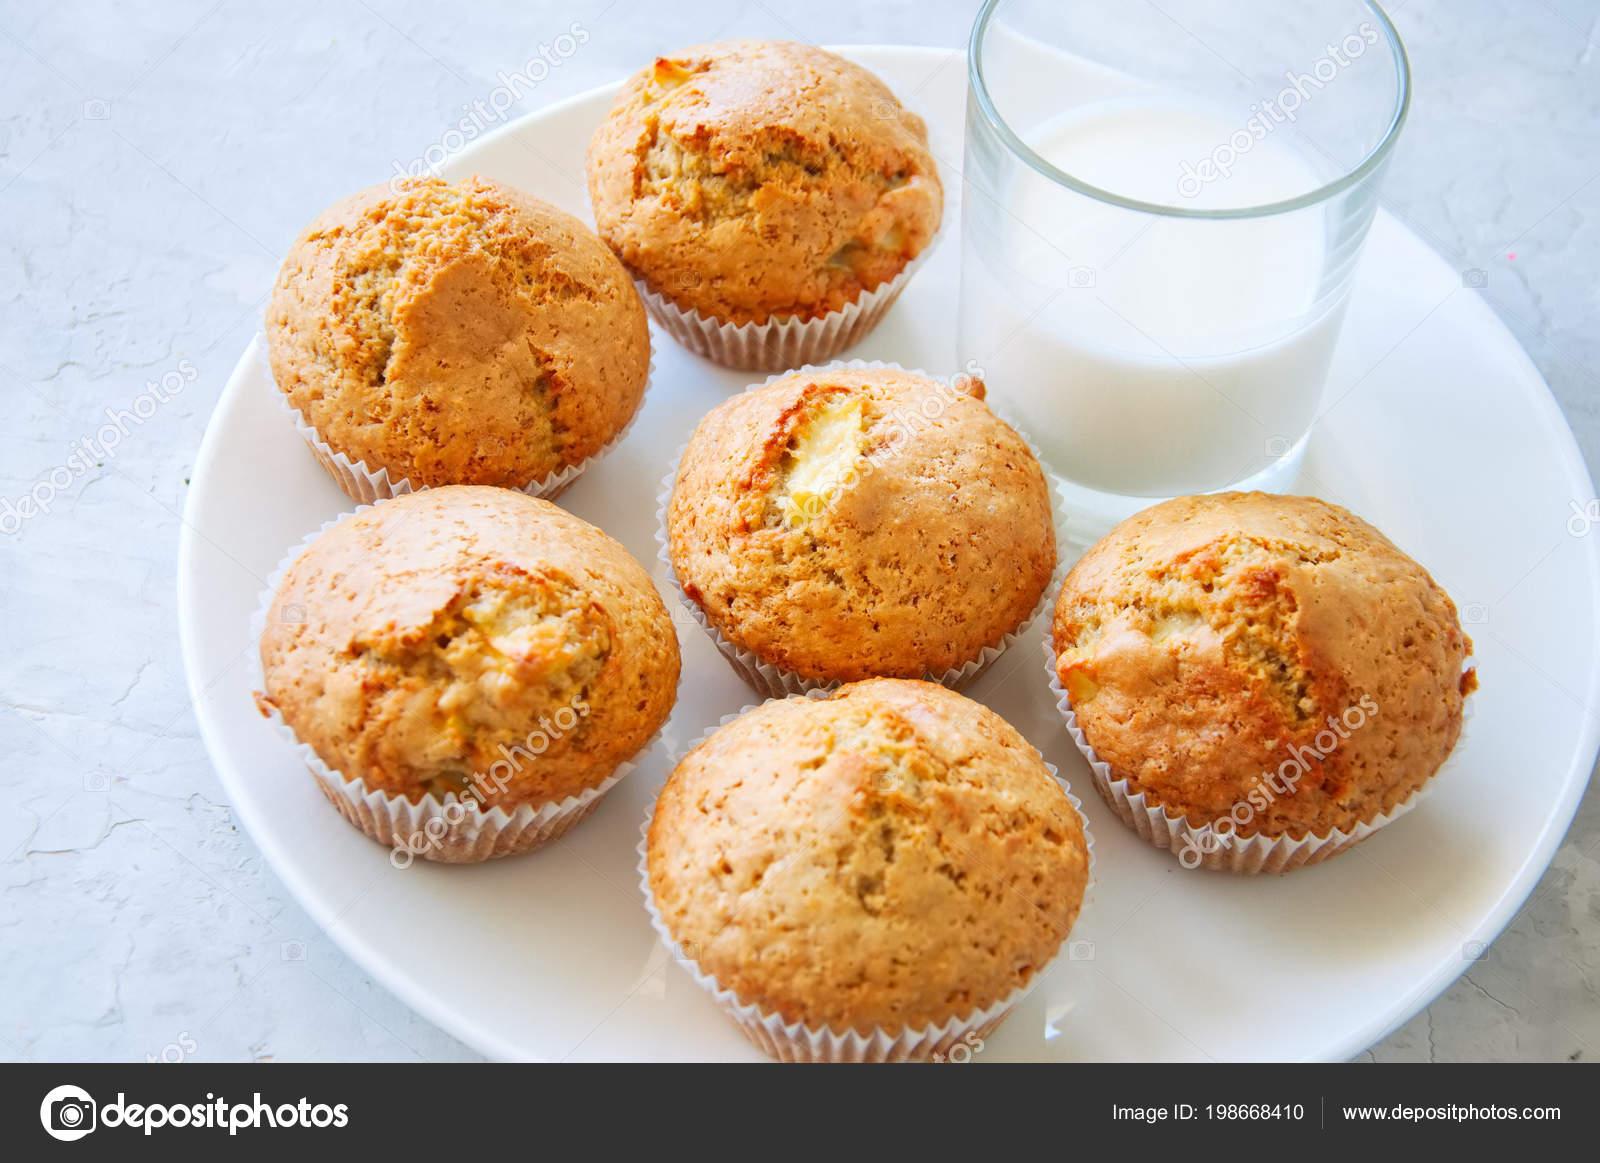 Gluten Freie Mandelmehl Muffins Mit Apfeln Einer Schussel Auf Einem